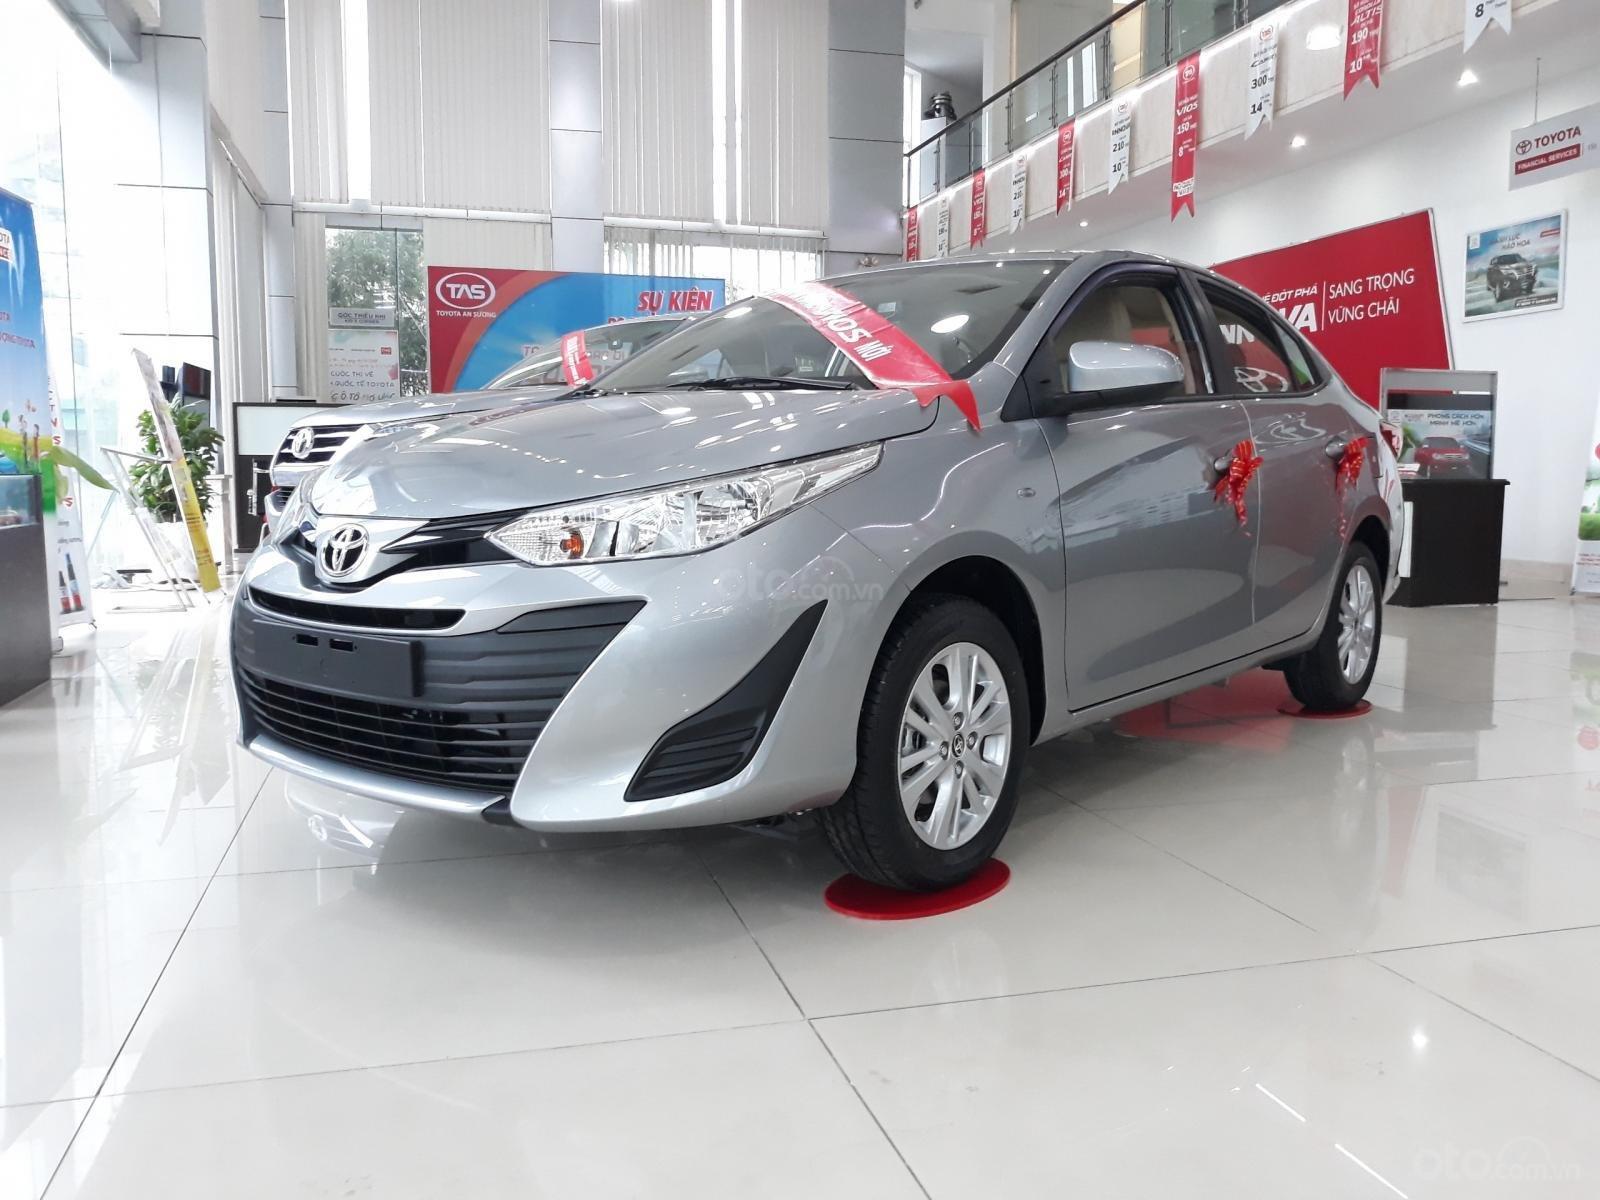 Sedan vẫn là dòng xe được ưa chuộng nhất tại Việt Nam tháng 4/2019 a2